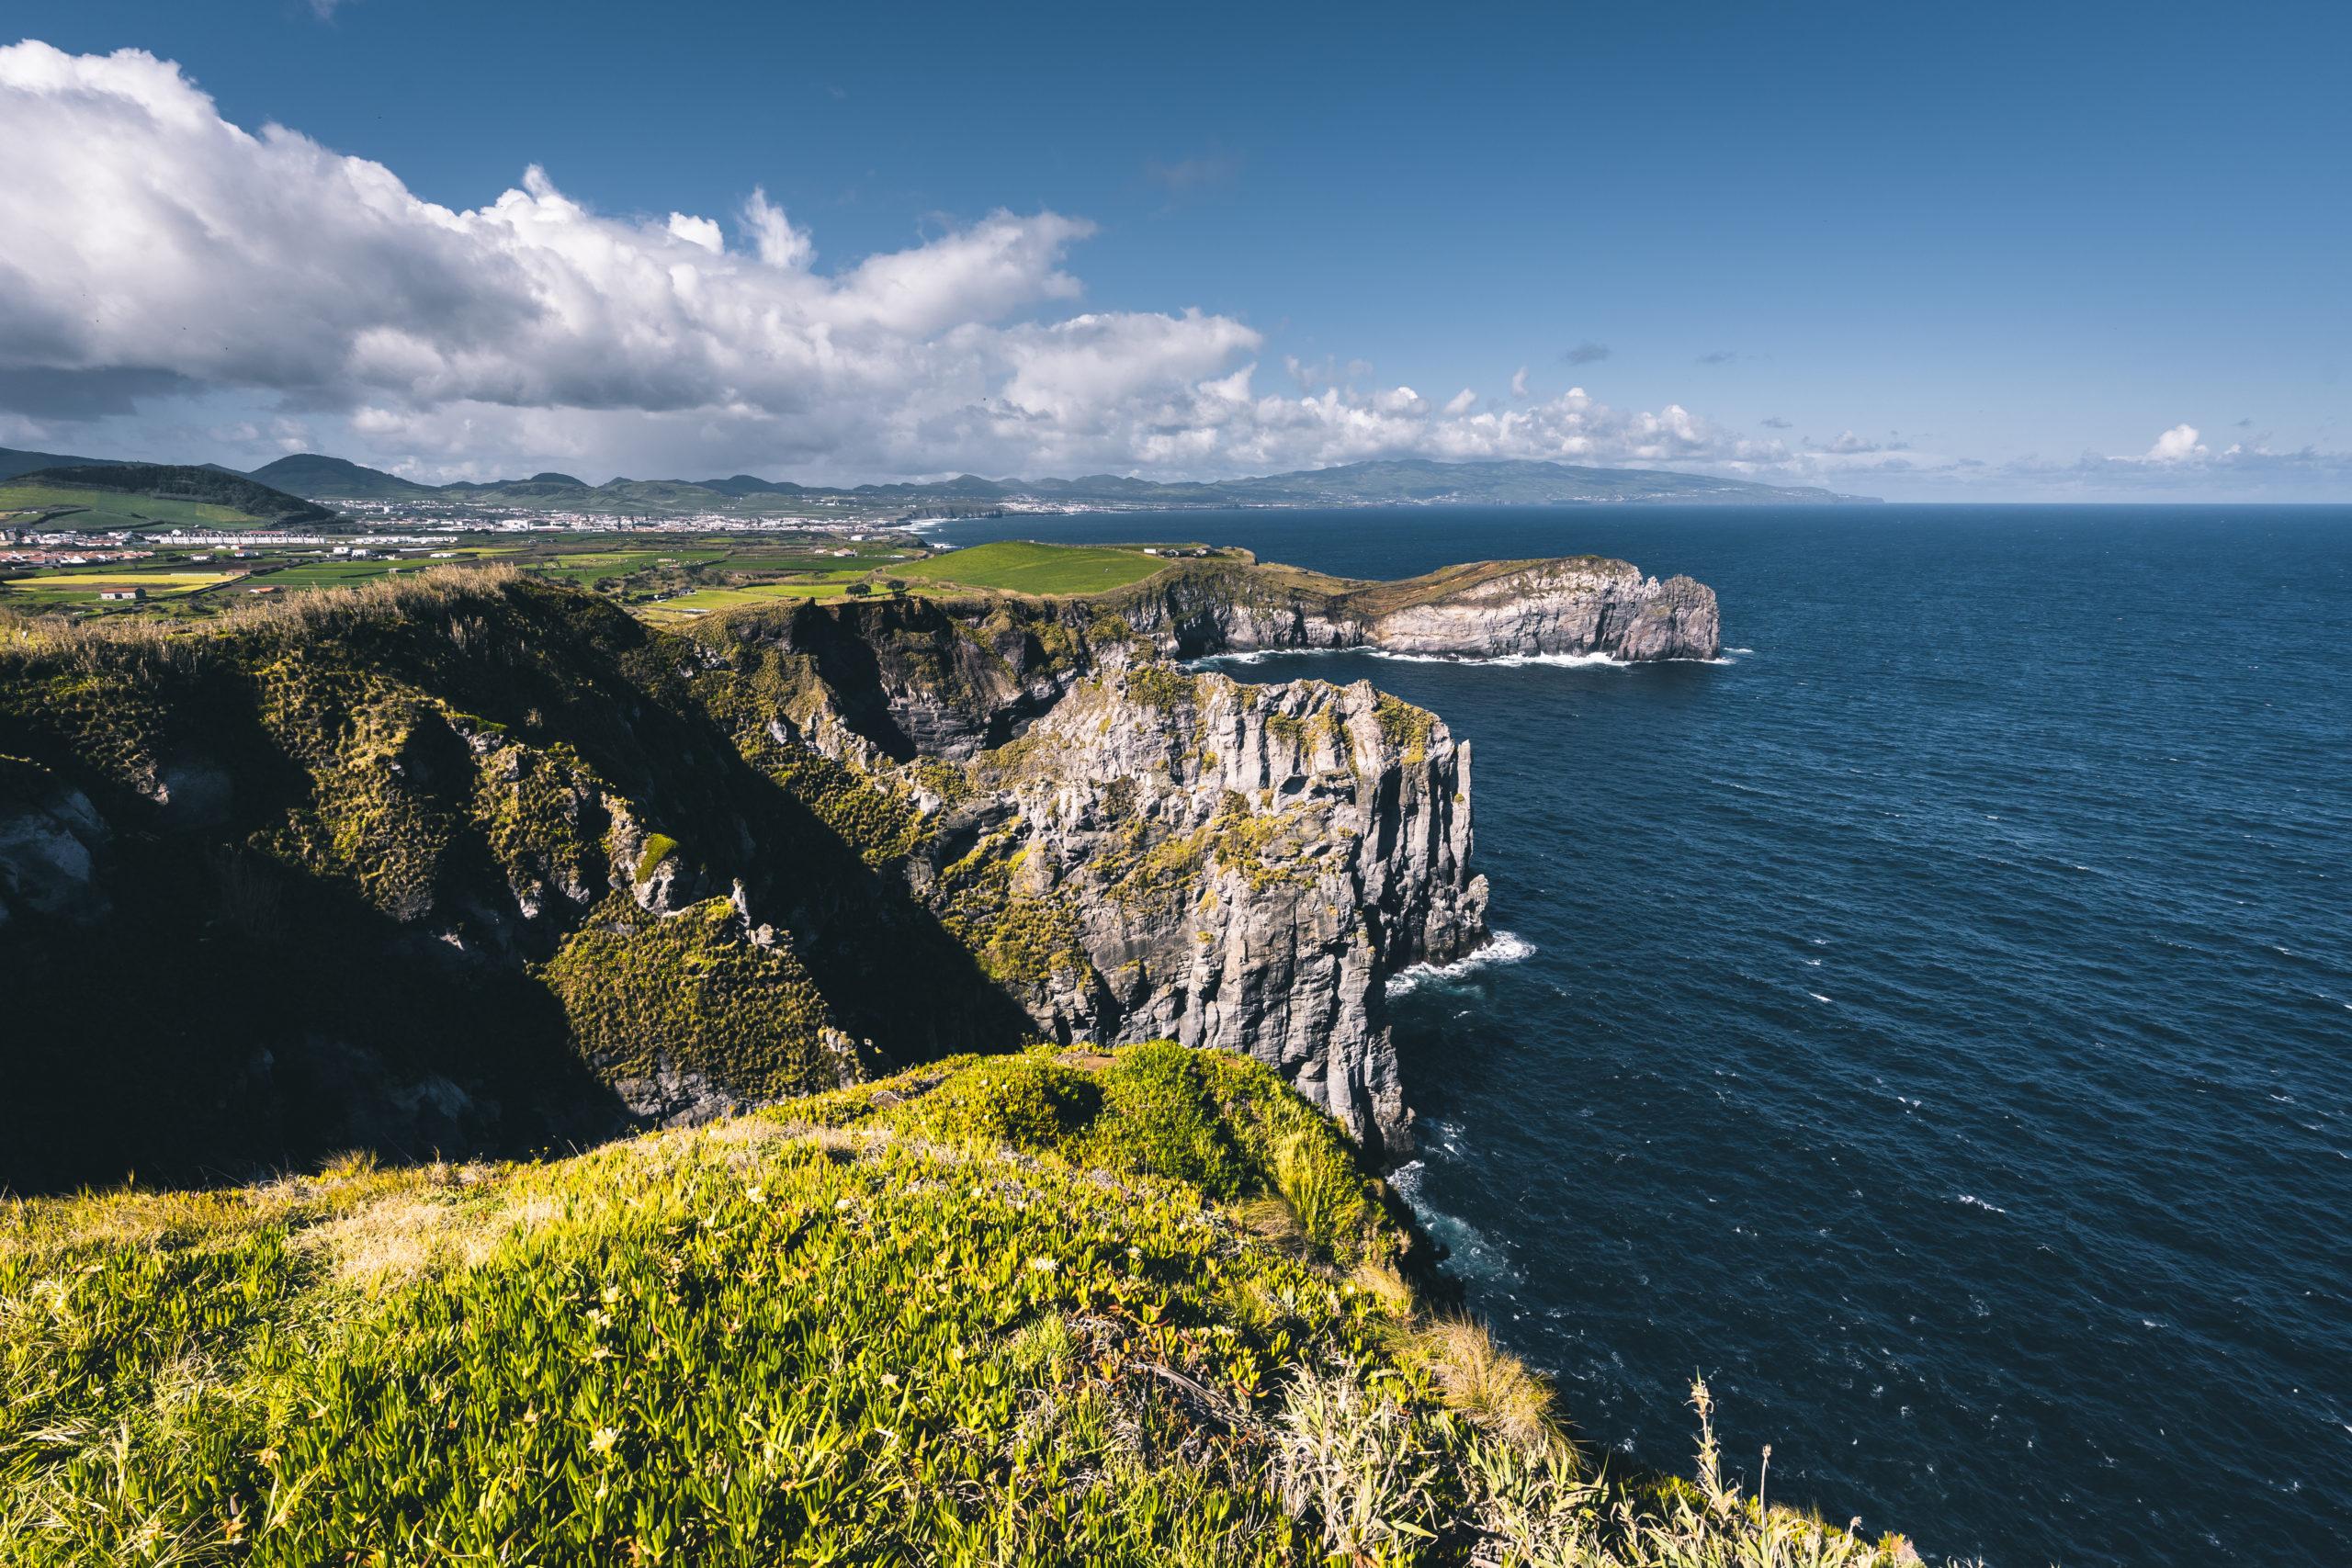 Découverte de la côte Nordeste, Ponta do Citrao